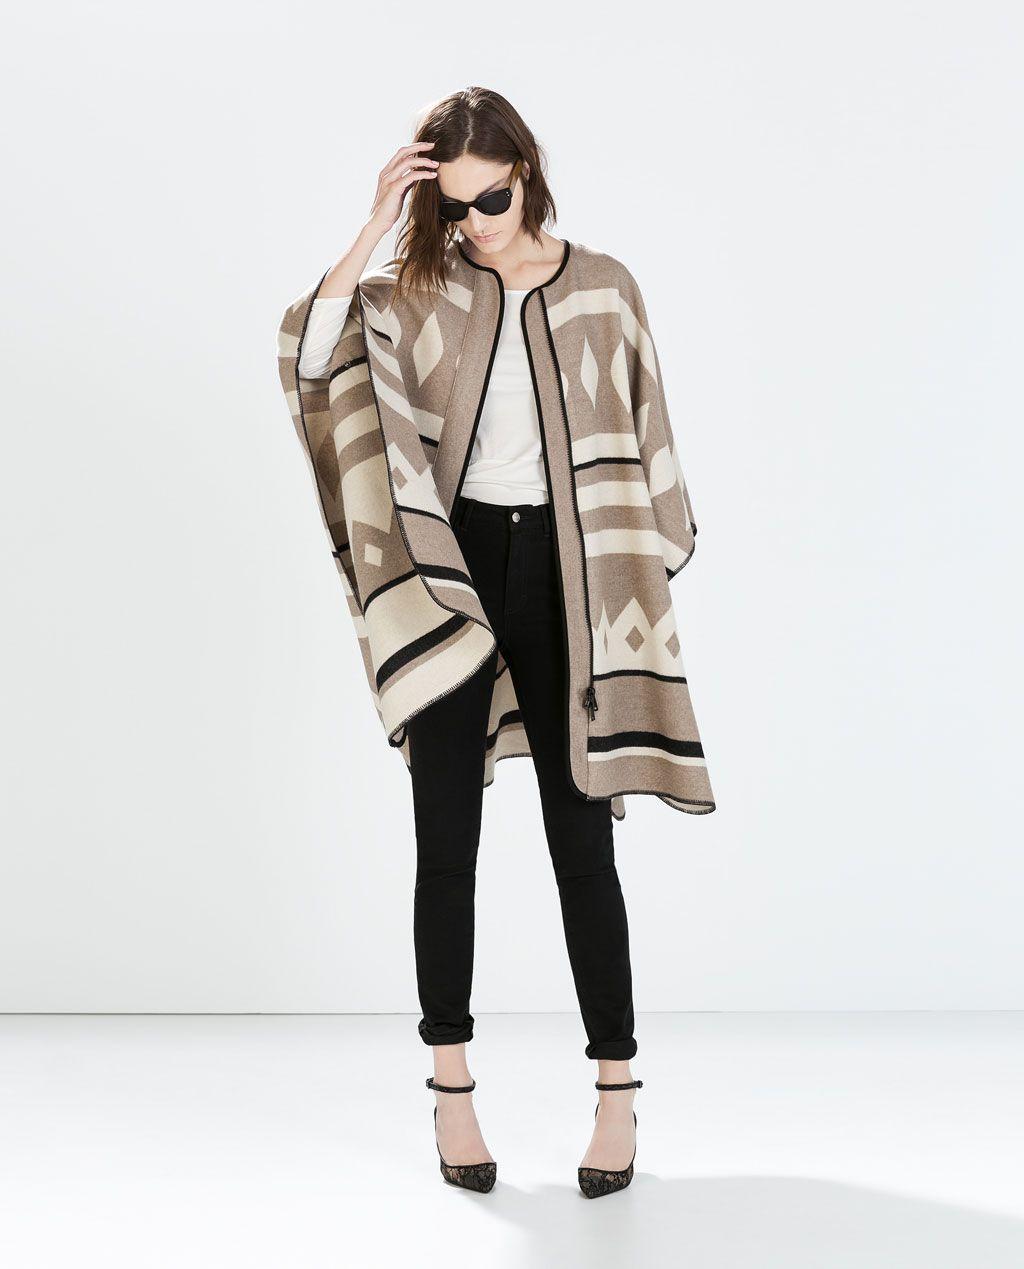 Nouveau Femme Hiver Chaud Confortable Tricoté Carreaux Style Chaîne Poncho Châle Pull Pull